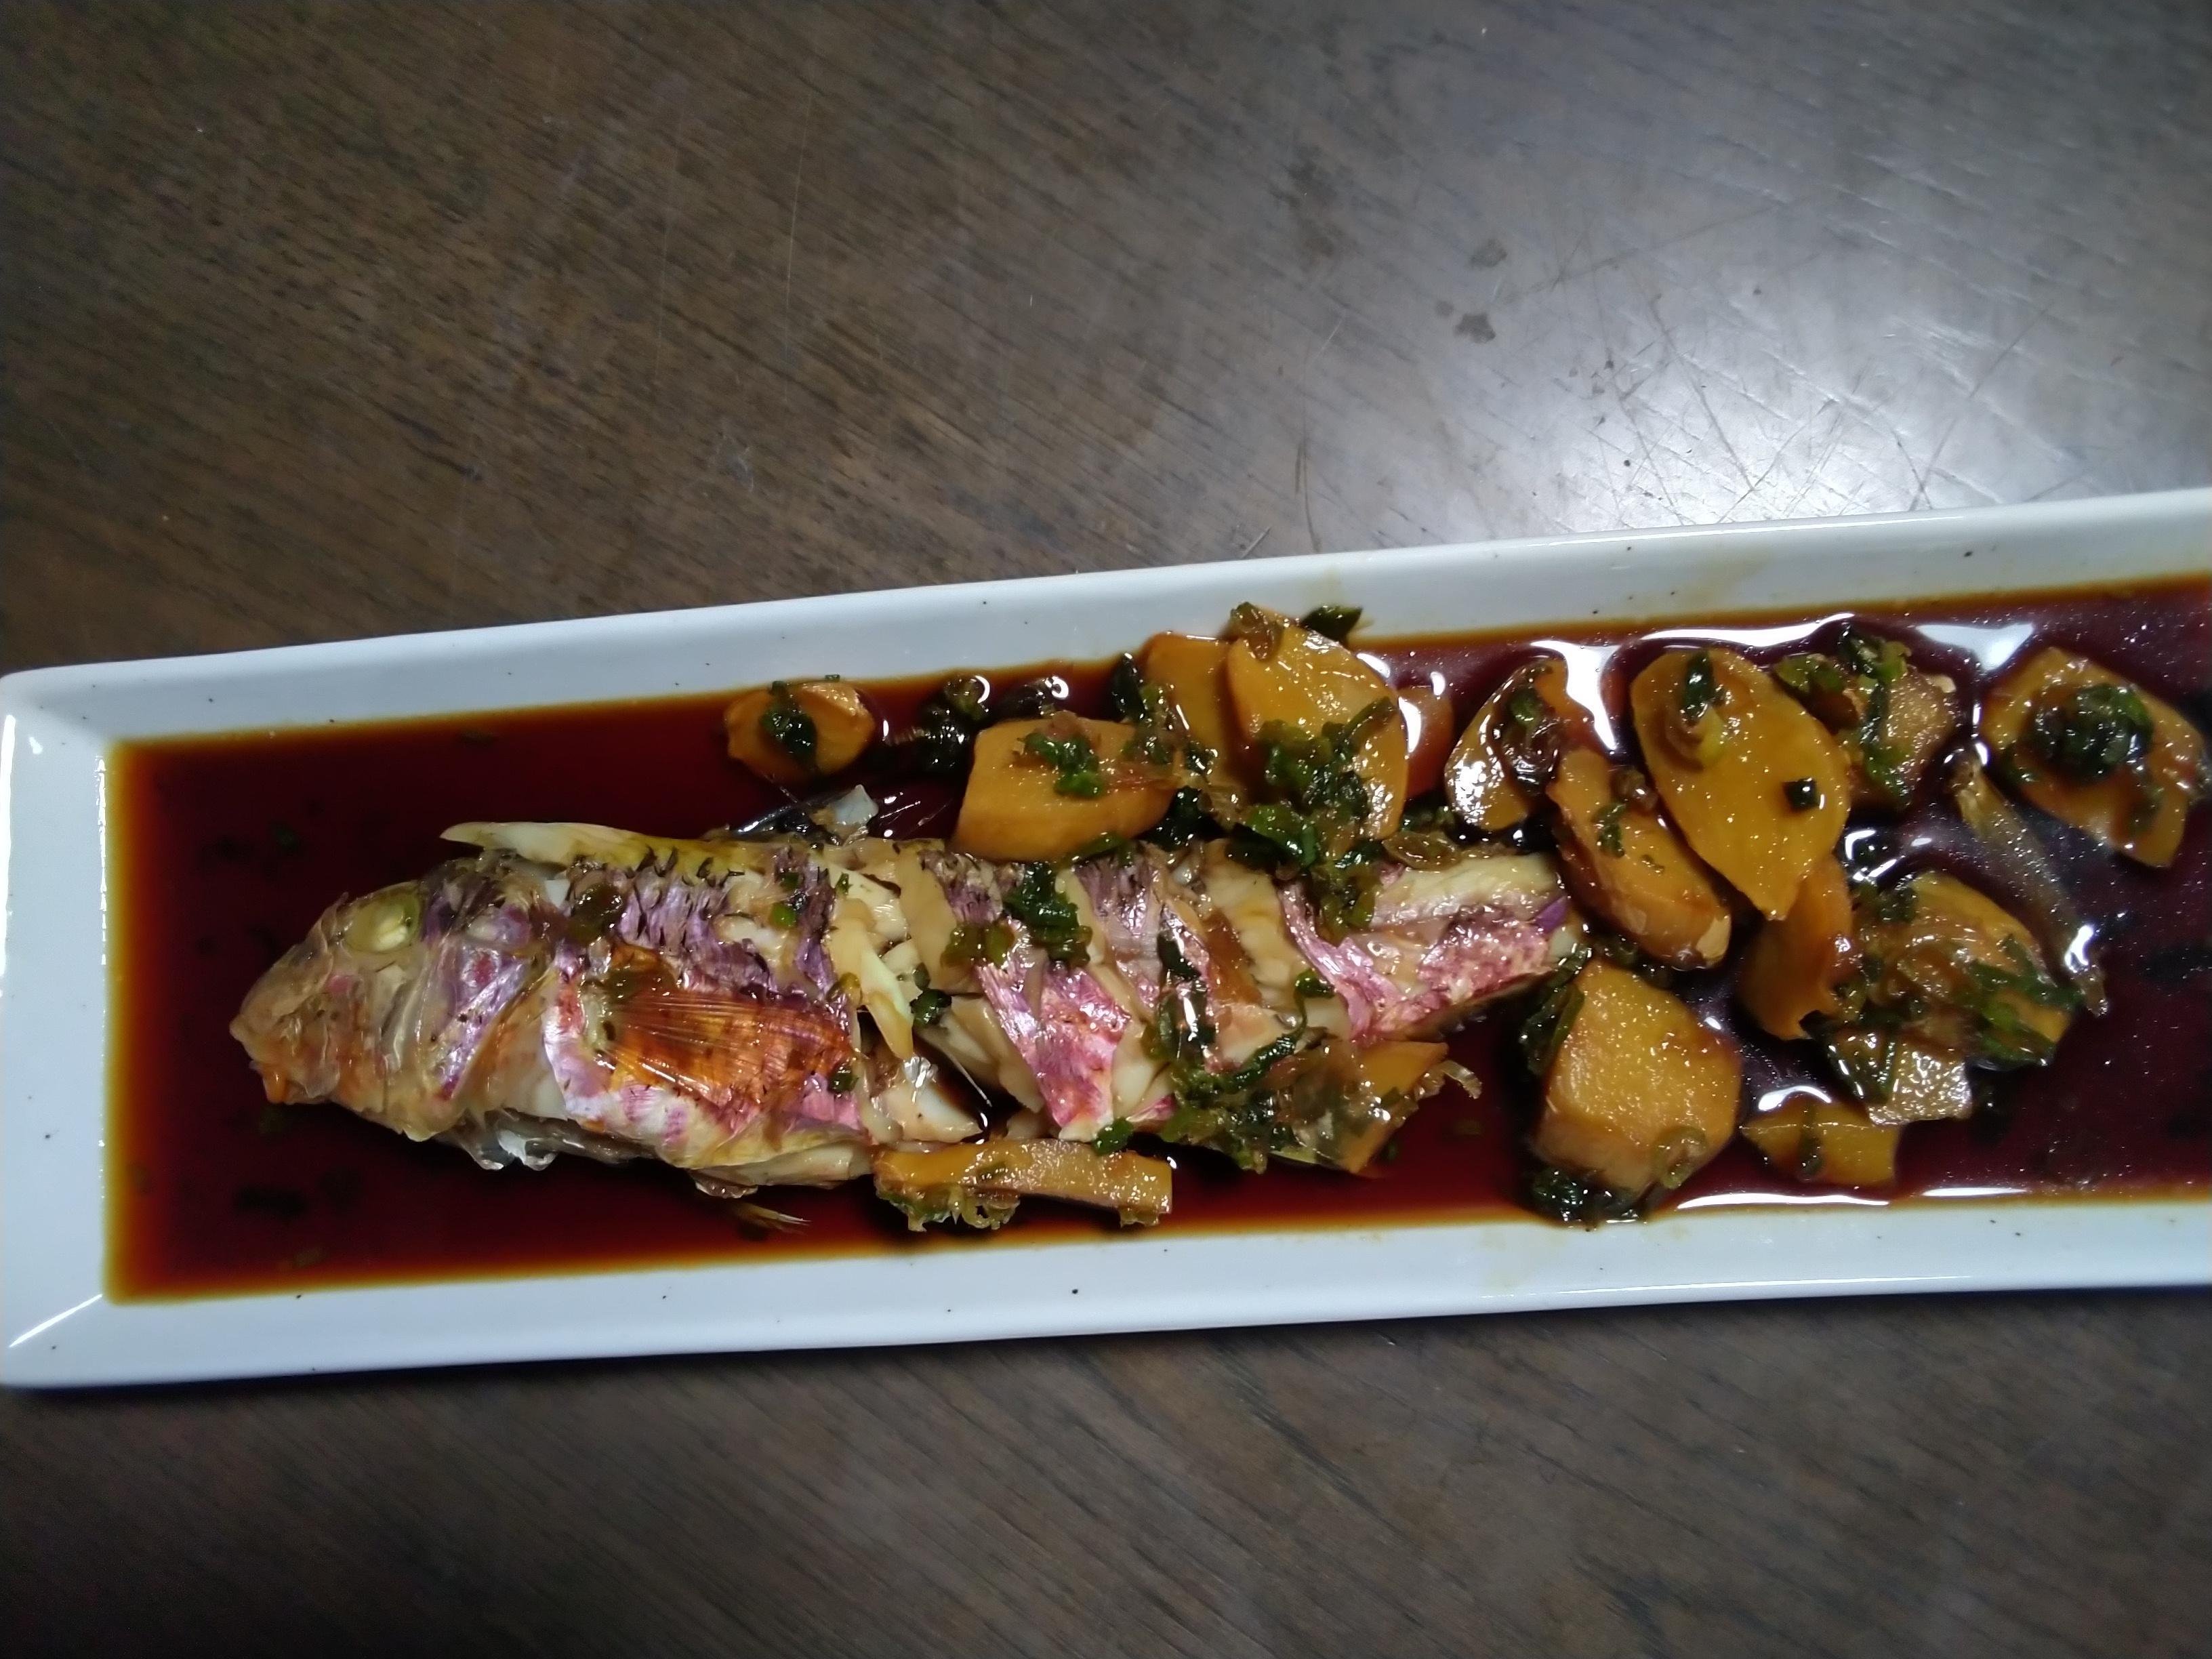 ヒメジという魚らしい?です。オジサンとも呼ばれているのか?定かではありませんが、もしもオジサンならおじさんが煮付けてしまいました。共食い?